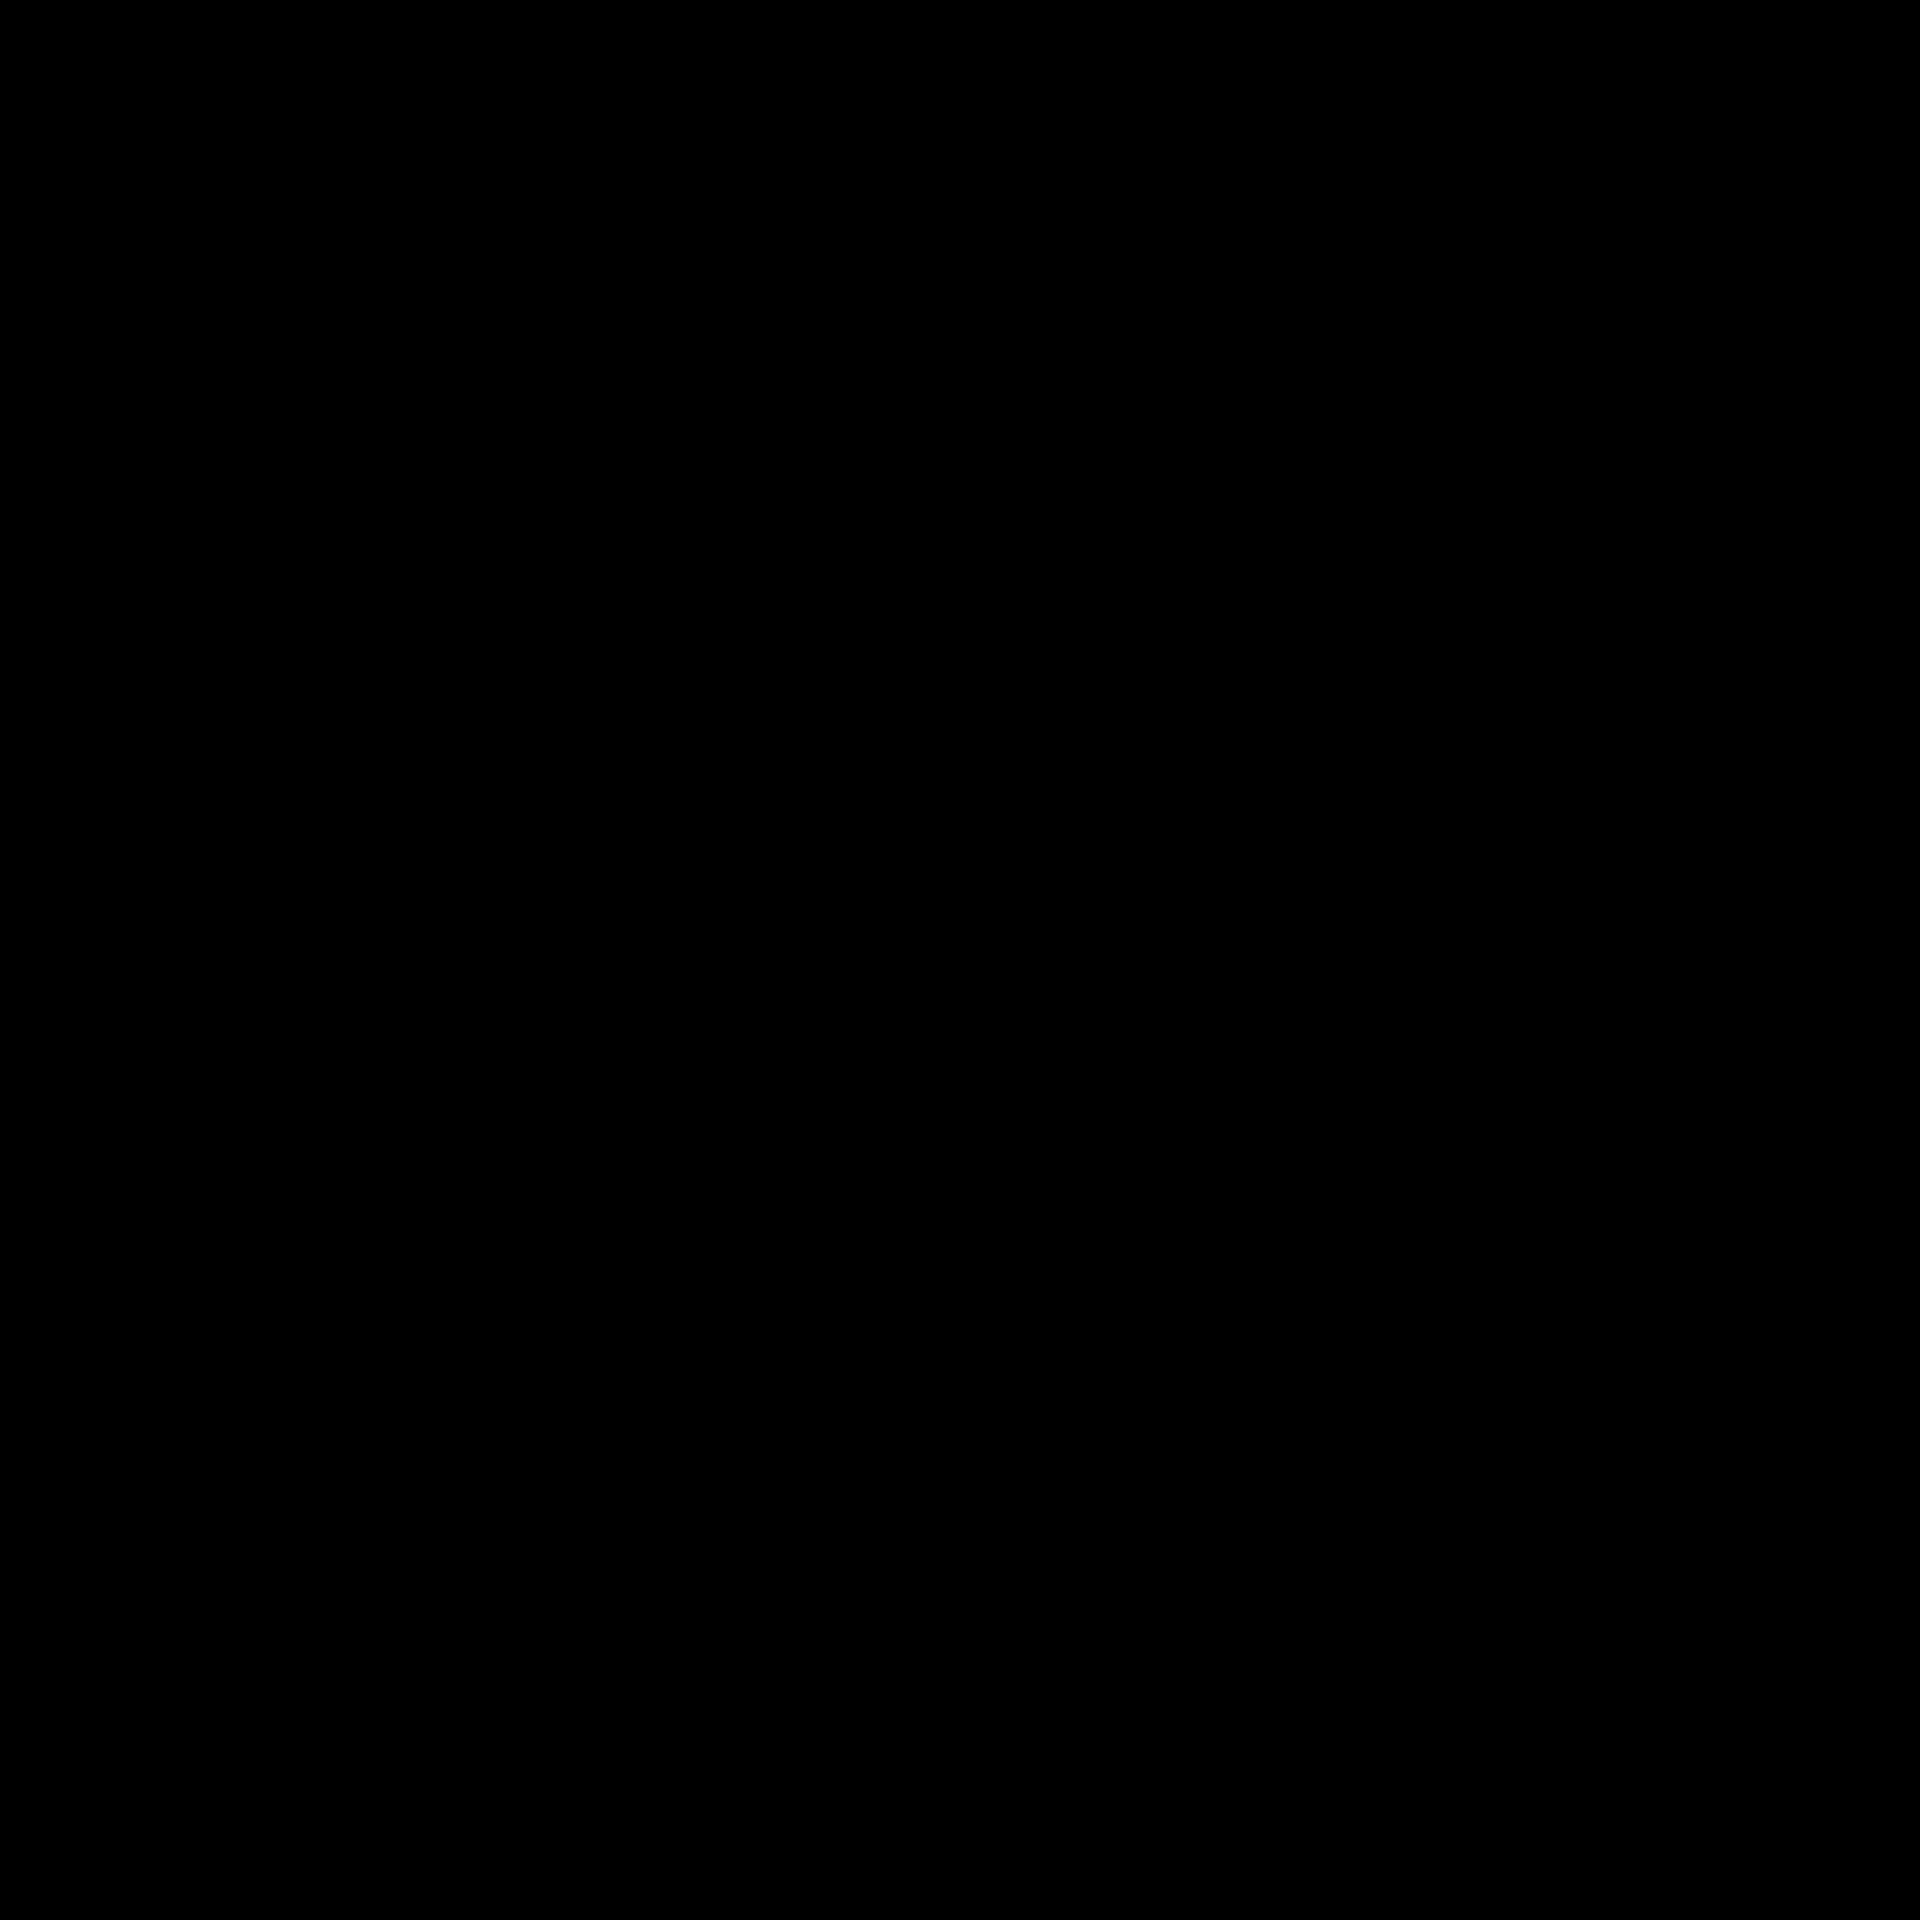 Extras - Icon